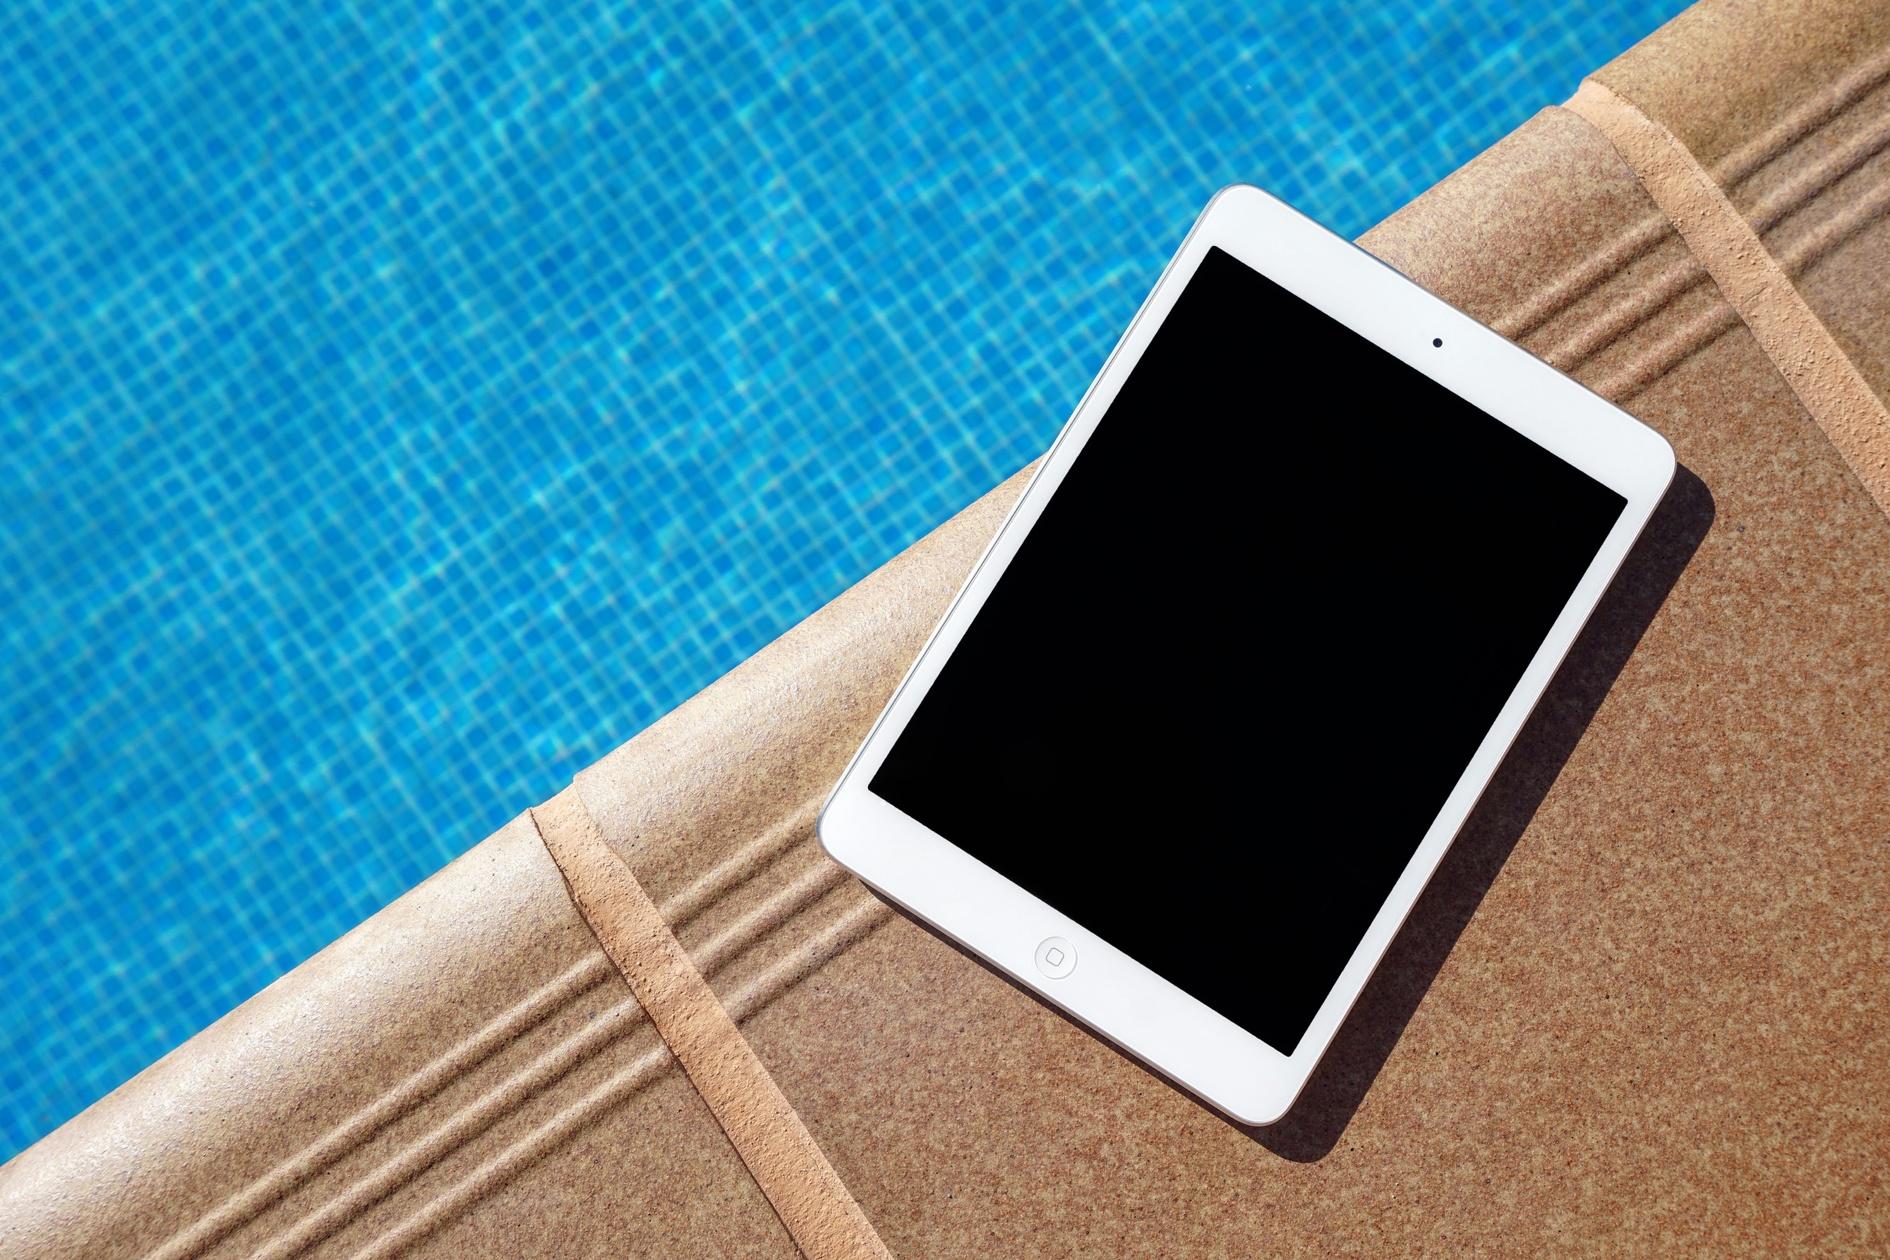 iPadでプログラミングを学習できるサービス5選!